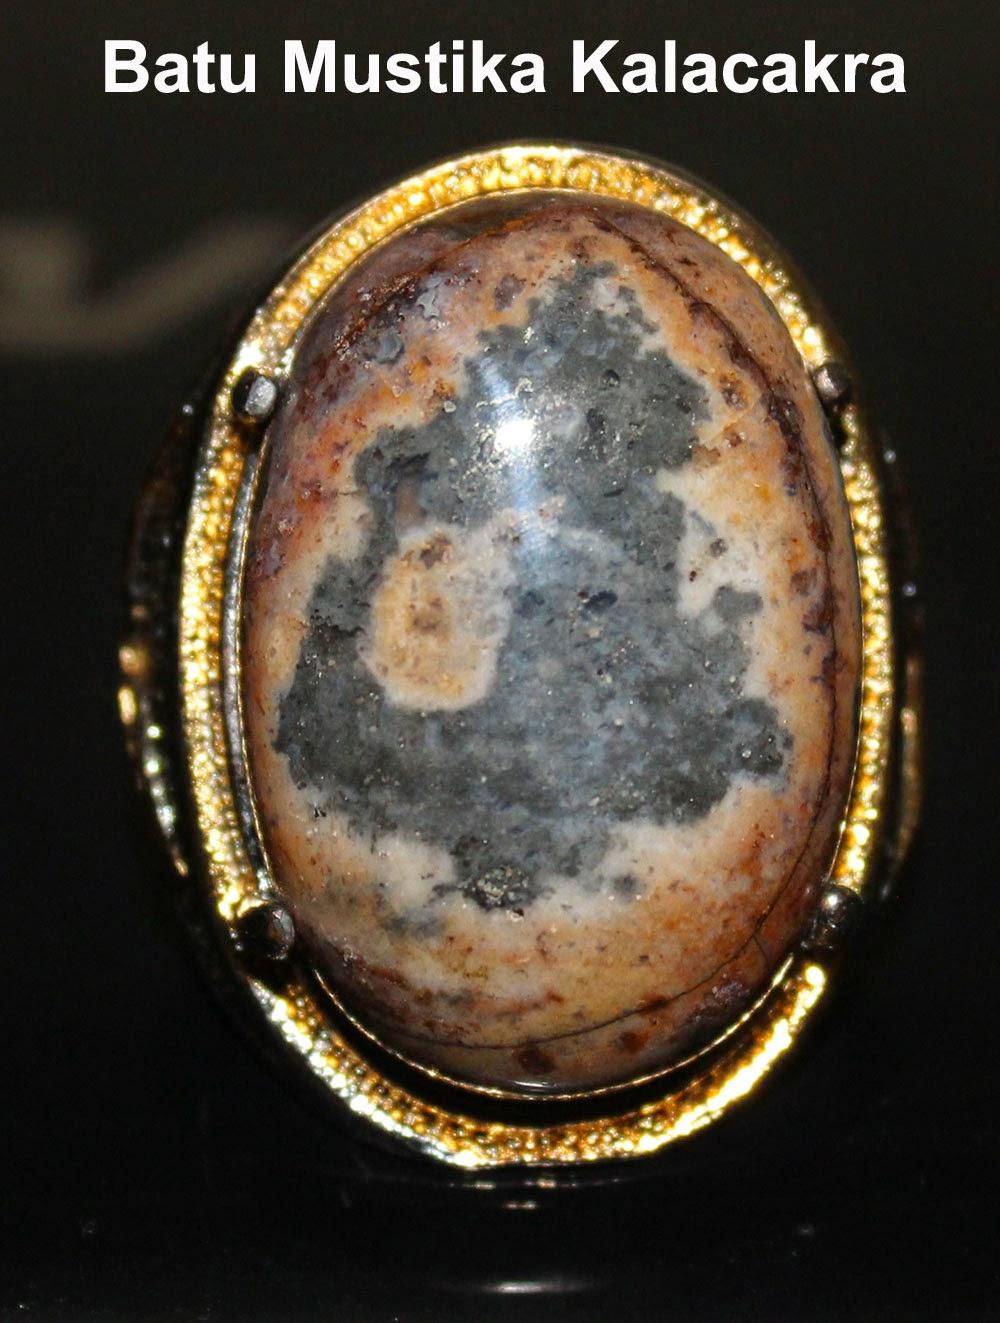 Batu Mustika Kalacakra